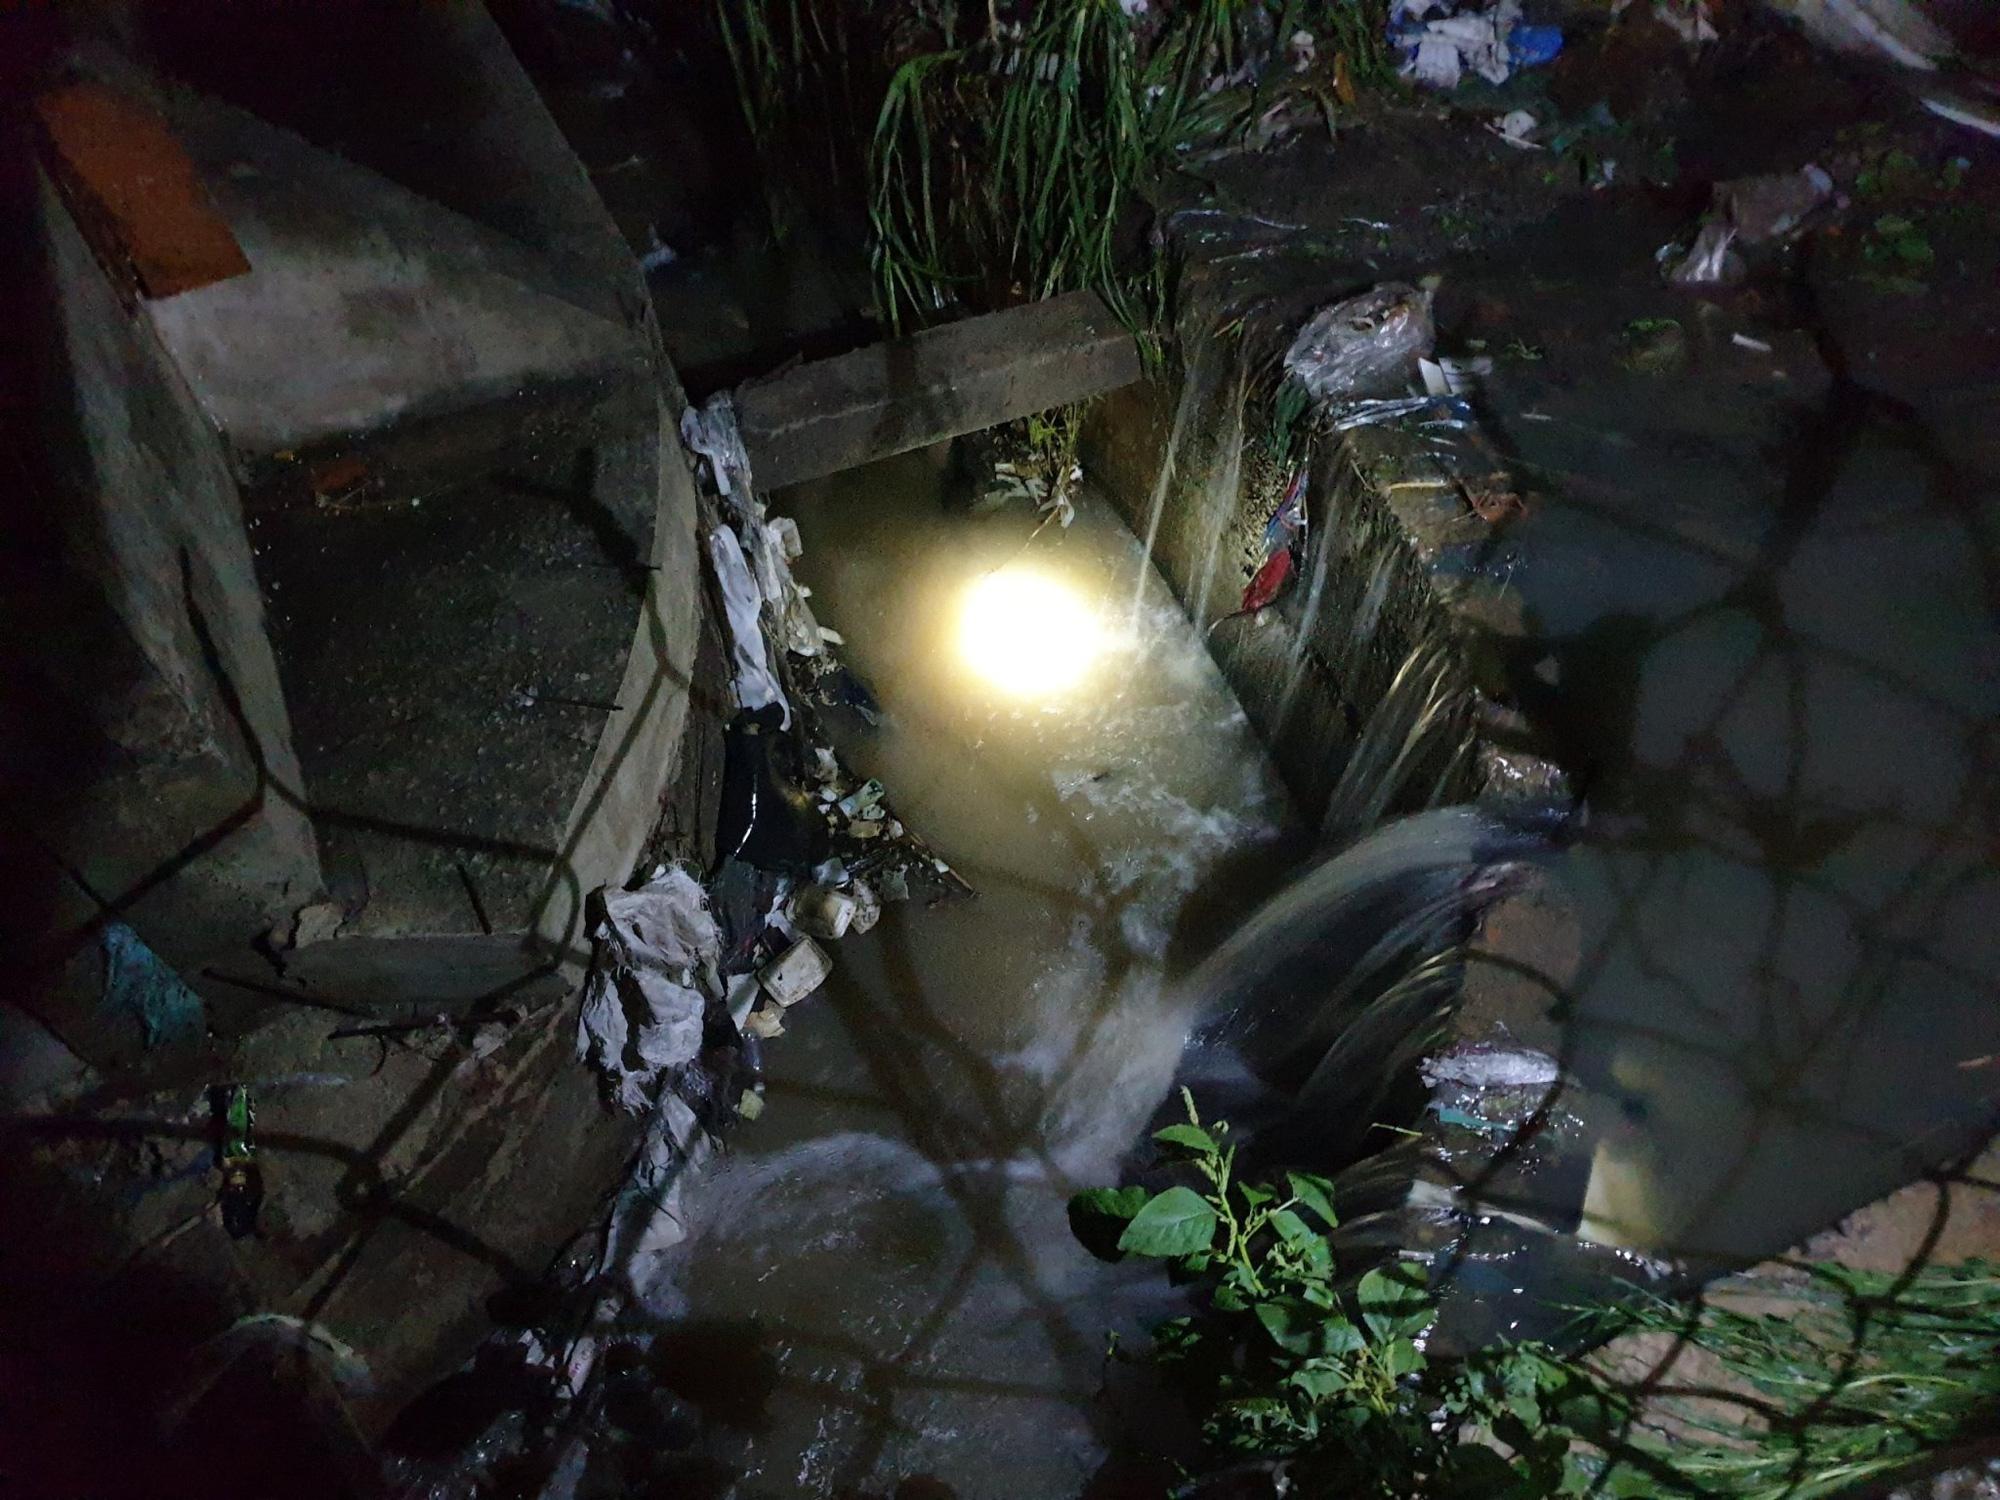 Trắng đêm tìm kiếm nhưng bé trai 4 tuổi bị nước dưới mương cuốn đi giữa trời mưa lớn vẫn biệt tăm - Ảnh 3.